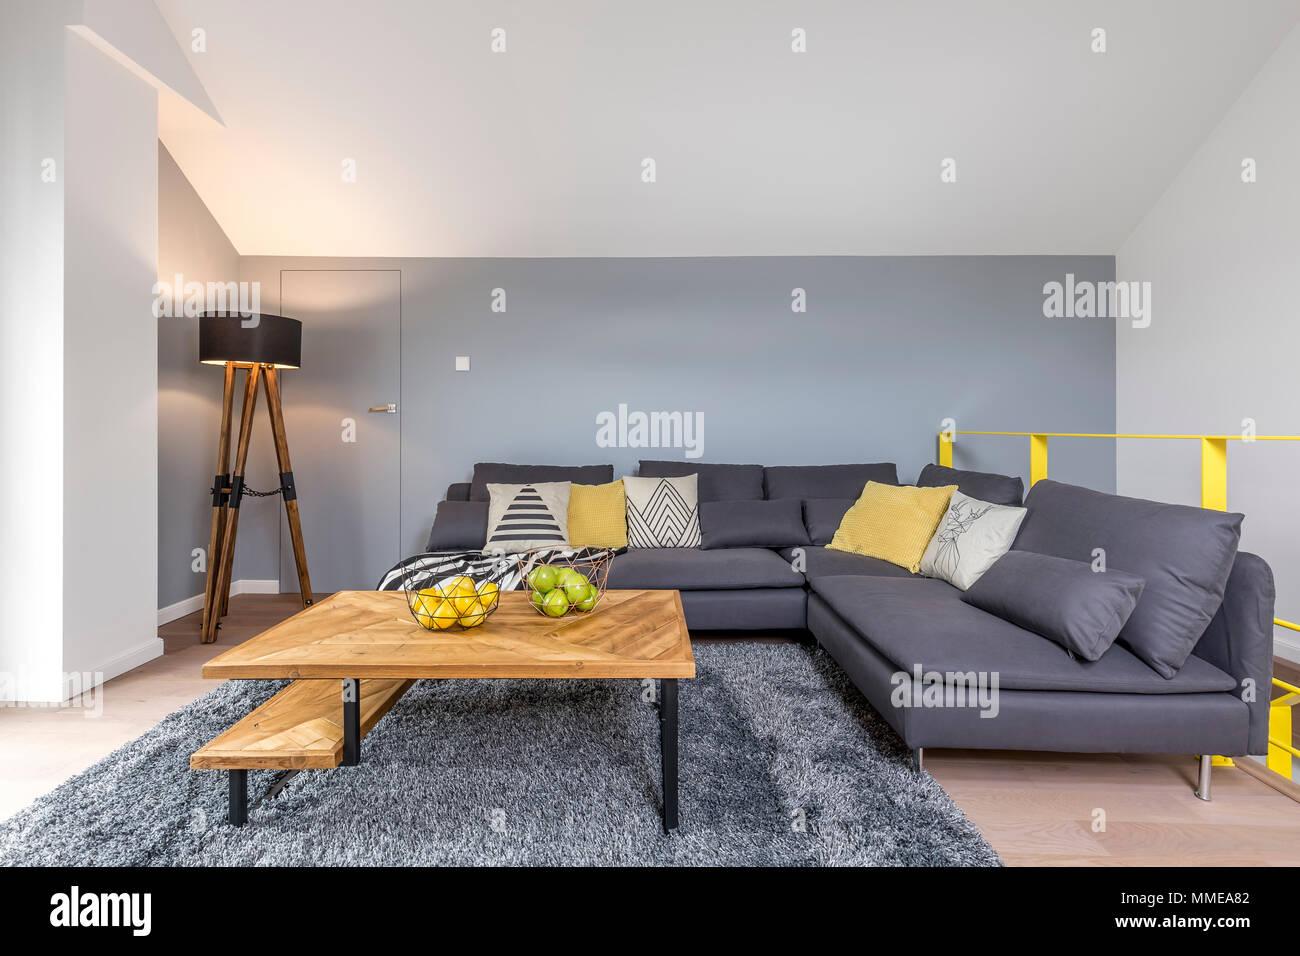 https www alamyimages fr un salon elegant avec coin gris canape lampe tapis moelleux et table basse en bois avec pieds en metal noir image184712194 html